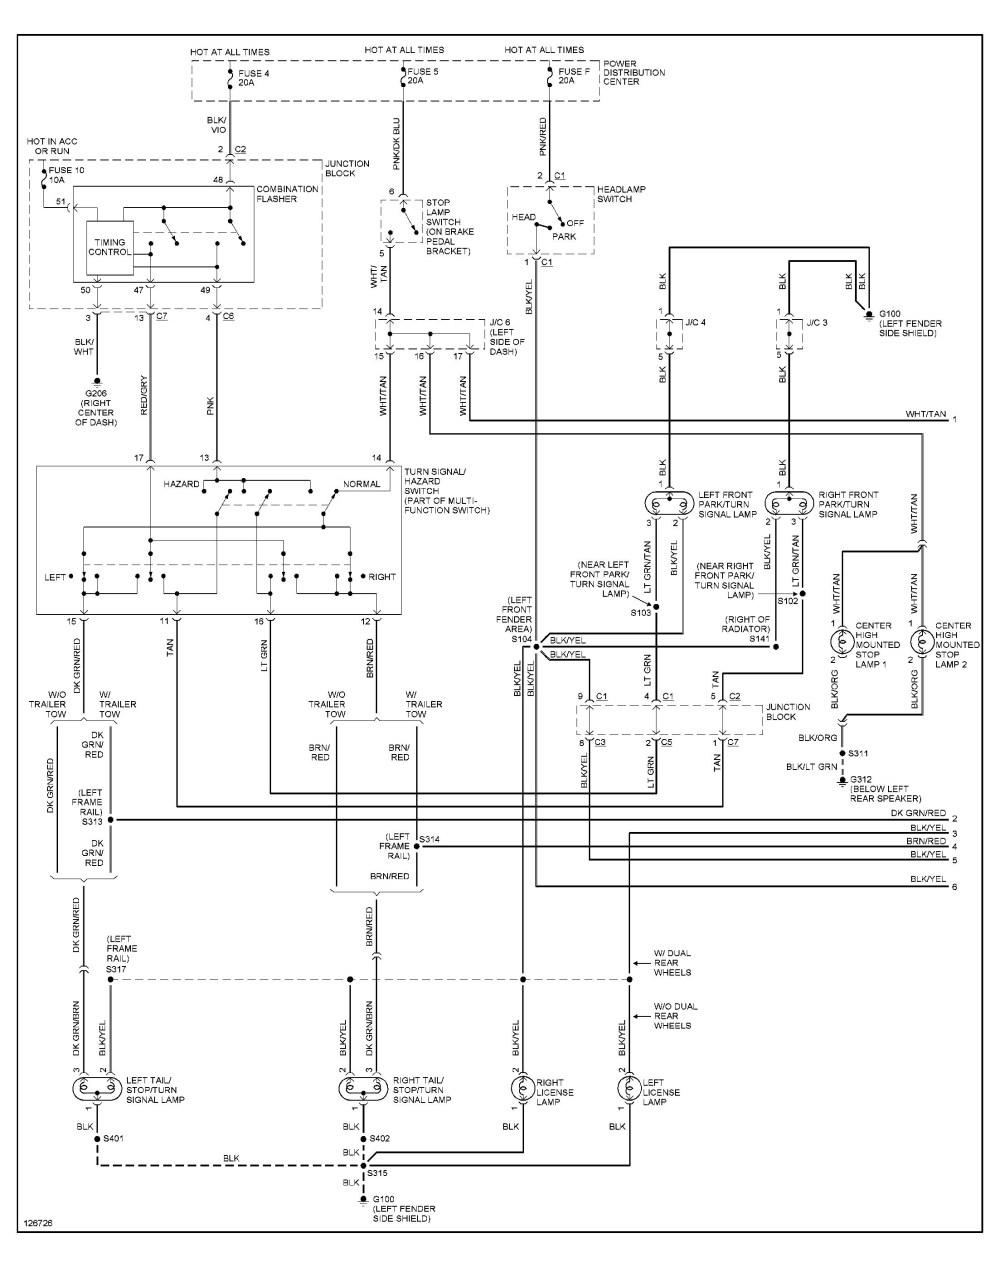 medium resolution of 2003 dodge trailer wiring harness diagram wiring diagram schema2003 dodge ram 2500 wiring harness wiring diagram